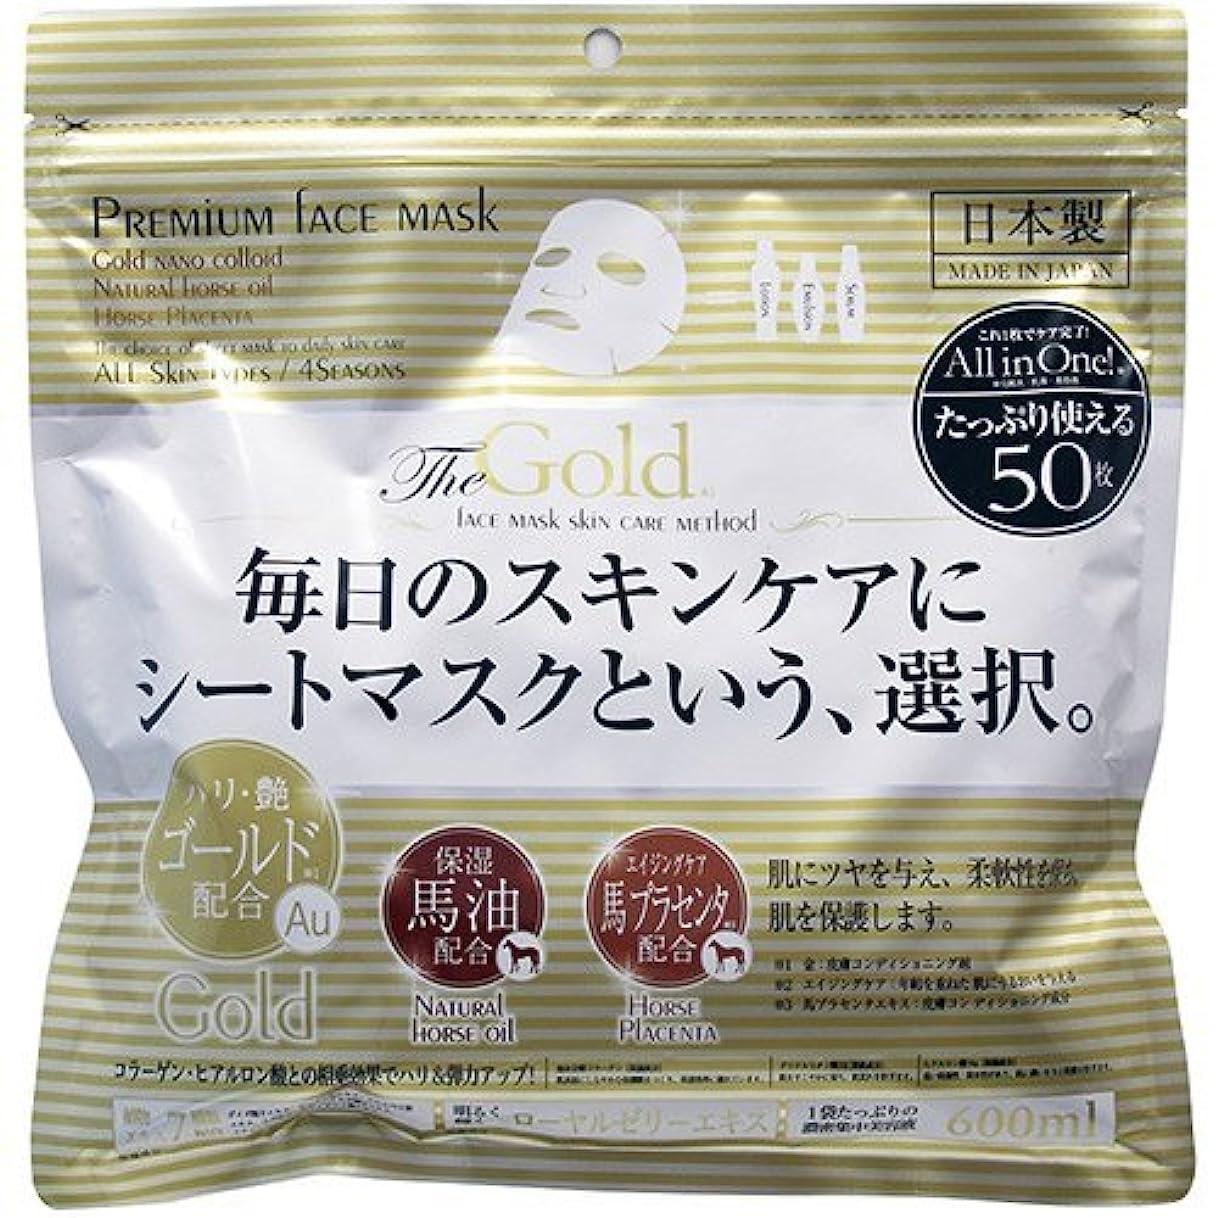 【進製作所】プレミアムフェイスマスク ゴールド 50枚 ×5個セット